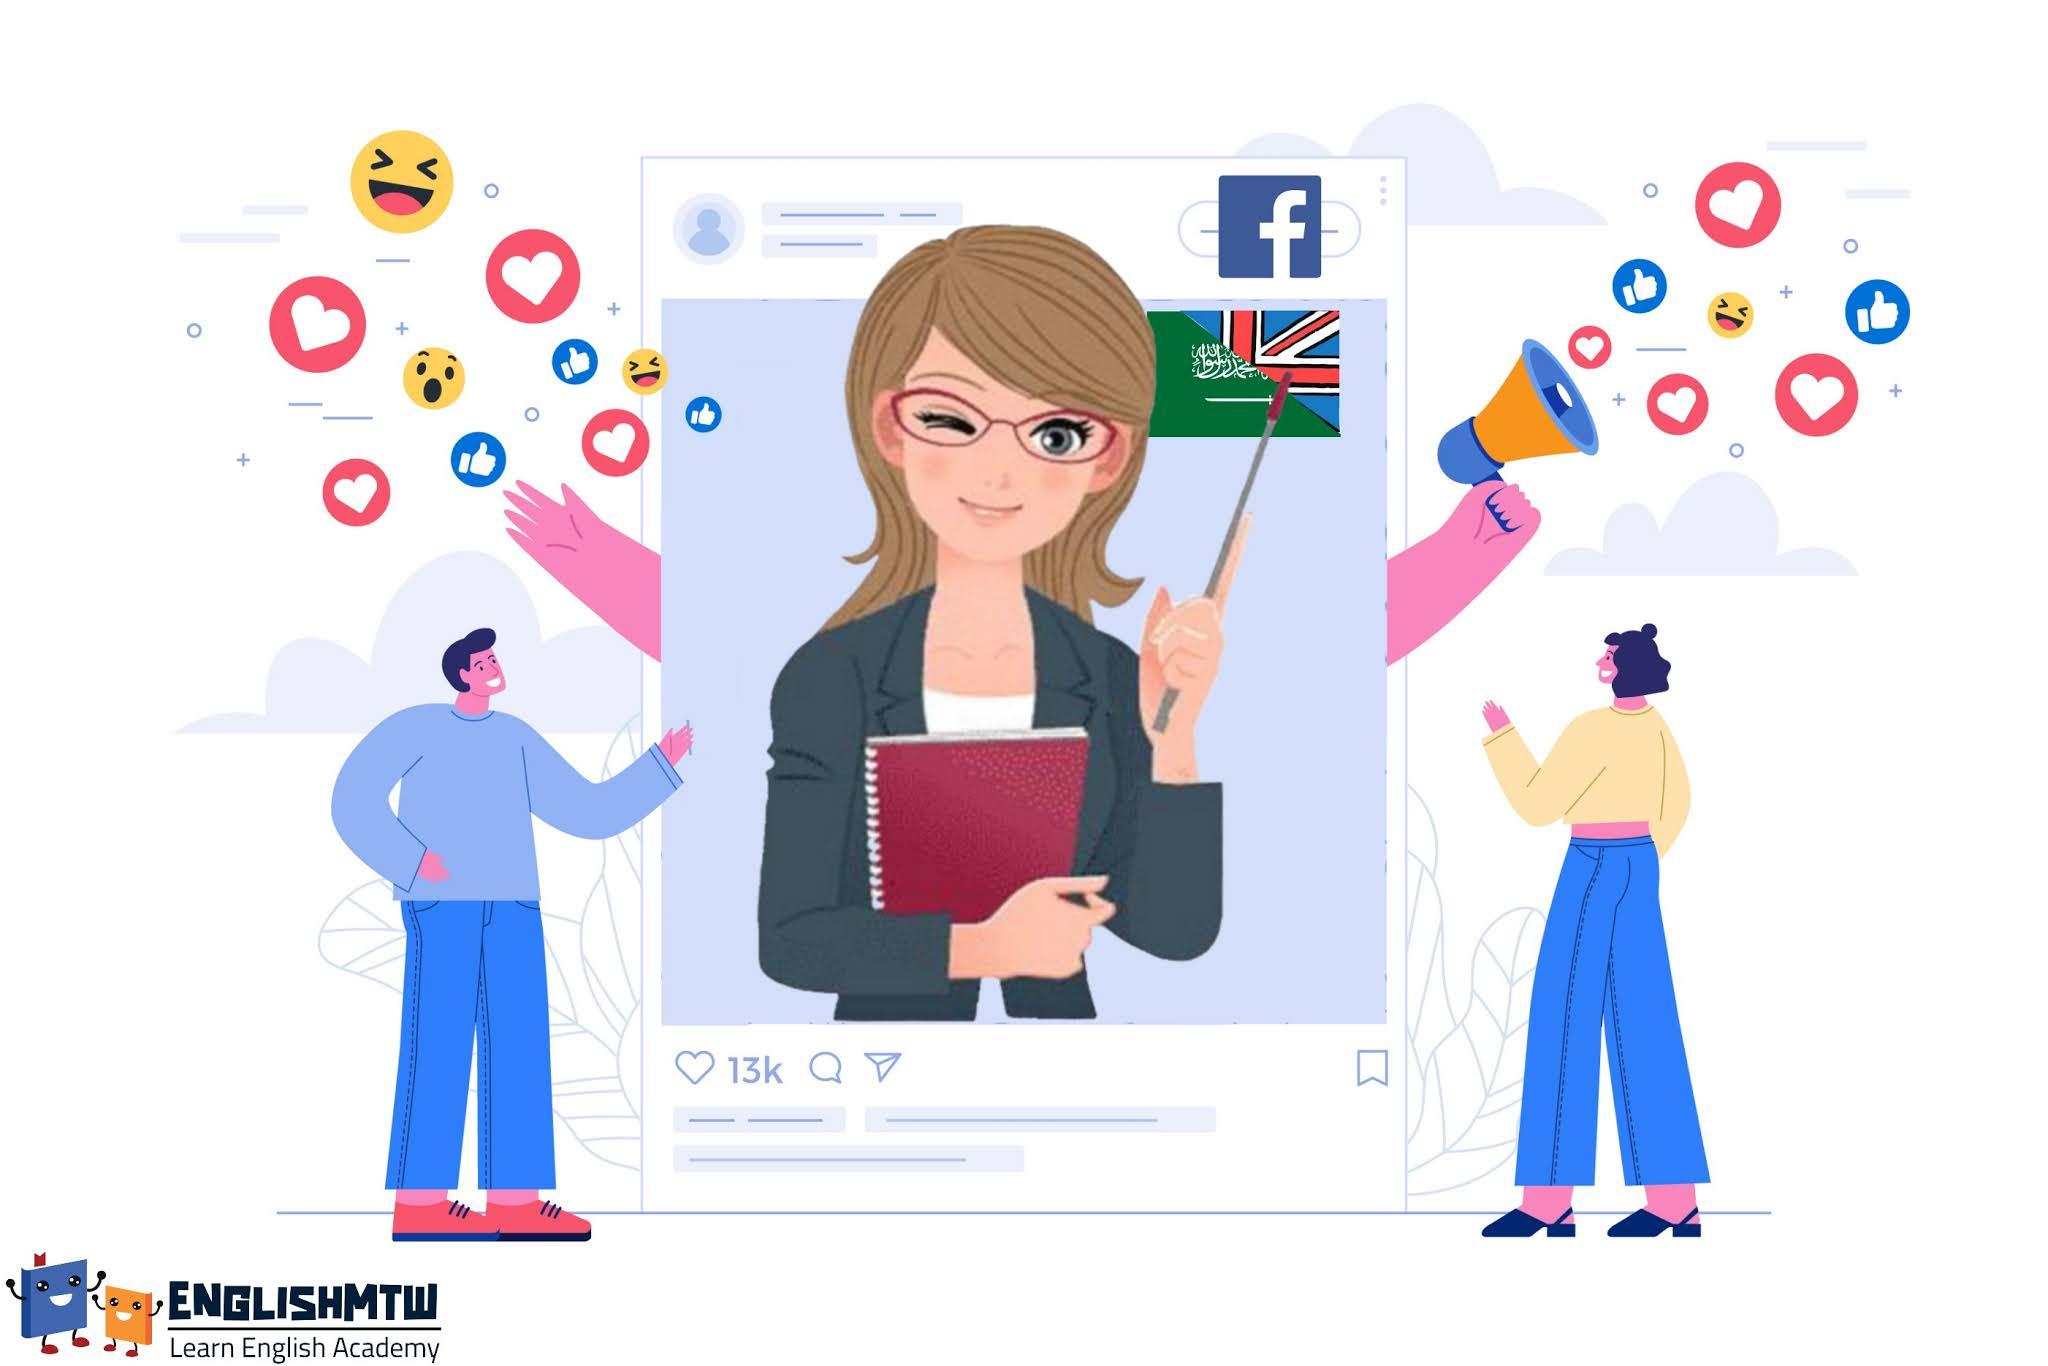 تعلم اللغة الإنجليزية مع 14 صفحة فيسبوك أجنبية لا غنى عنها